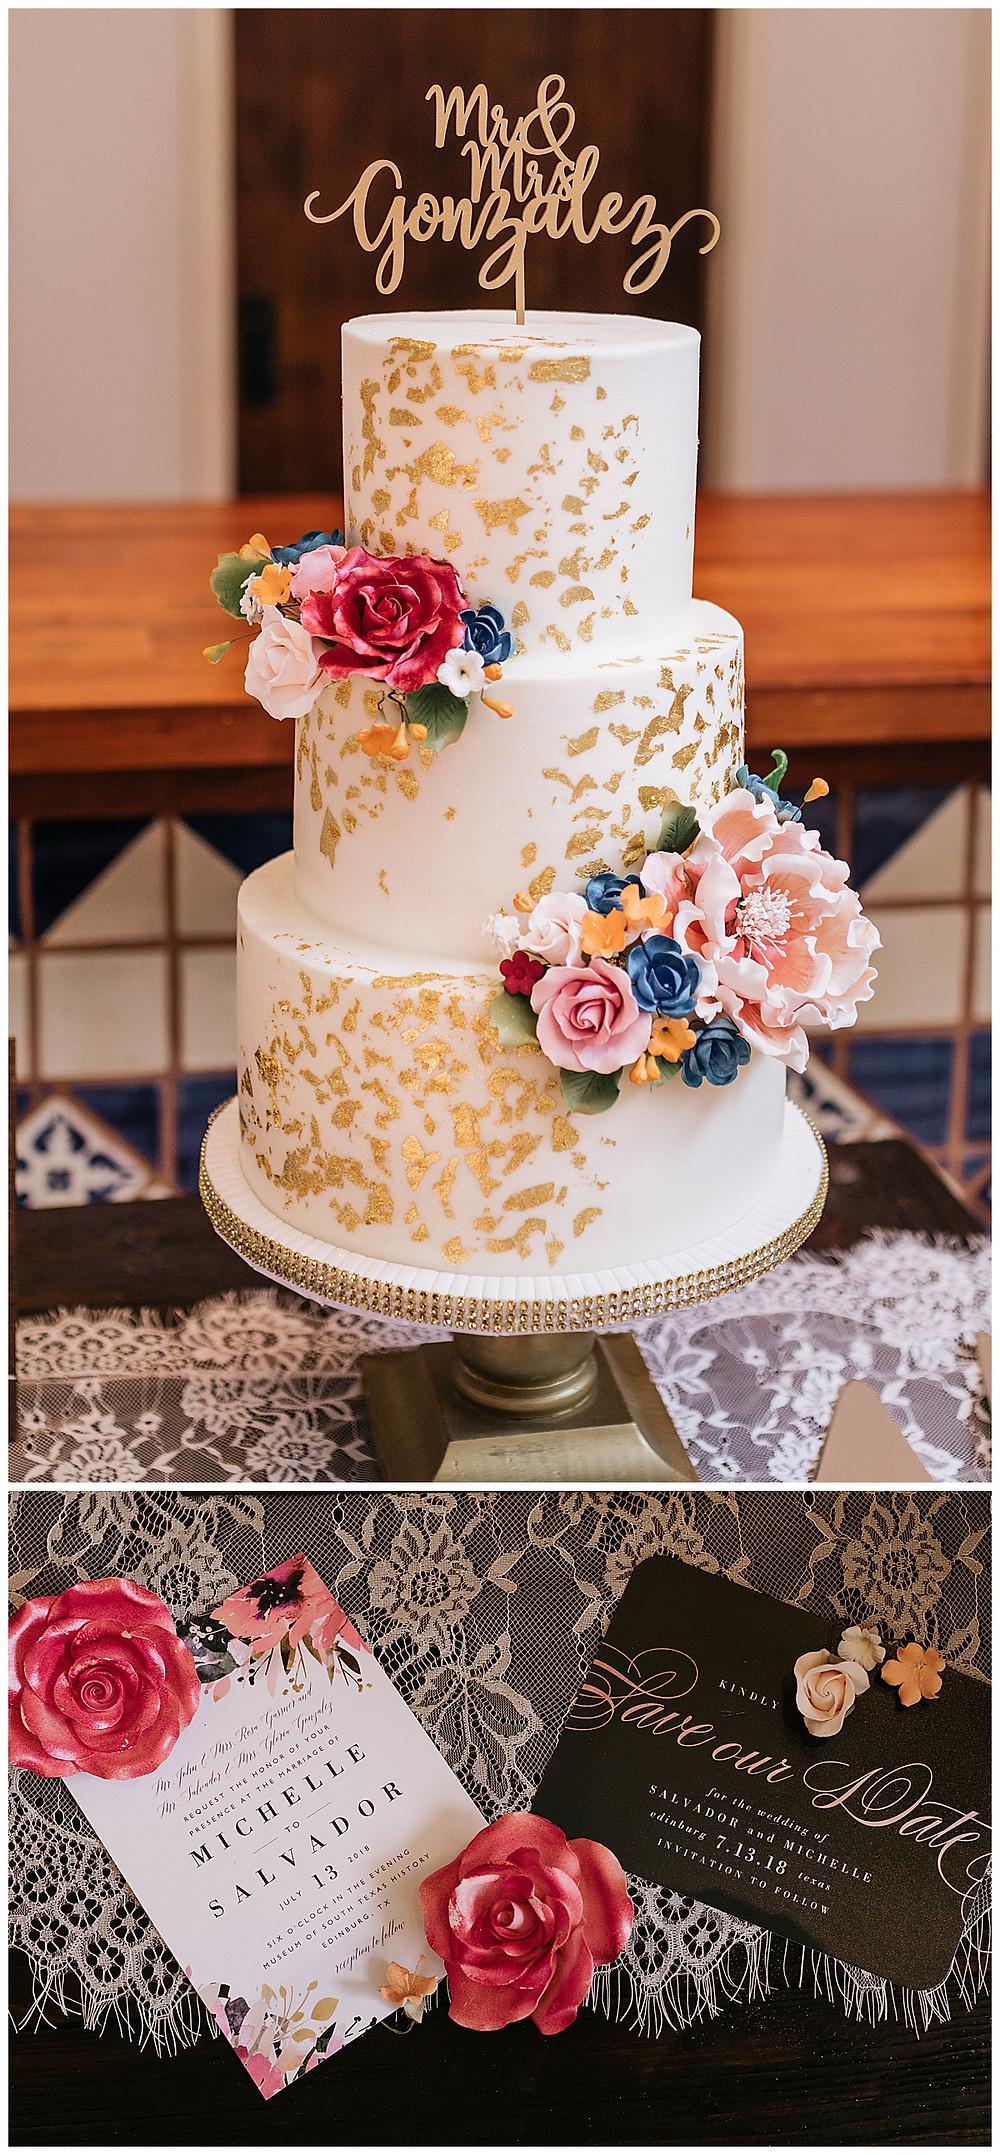 McAllen Wedding Cake